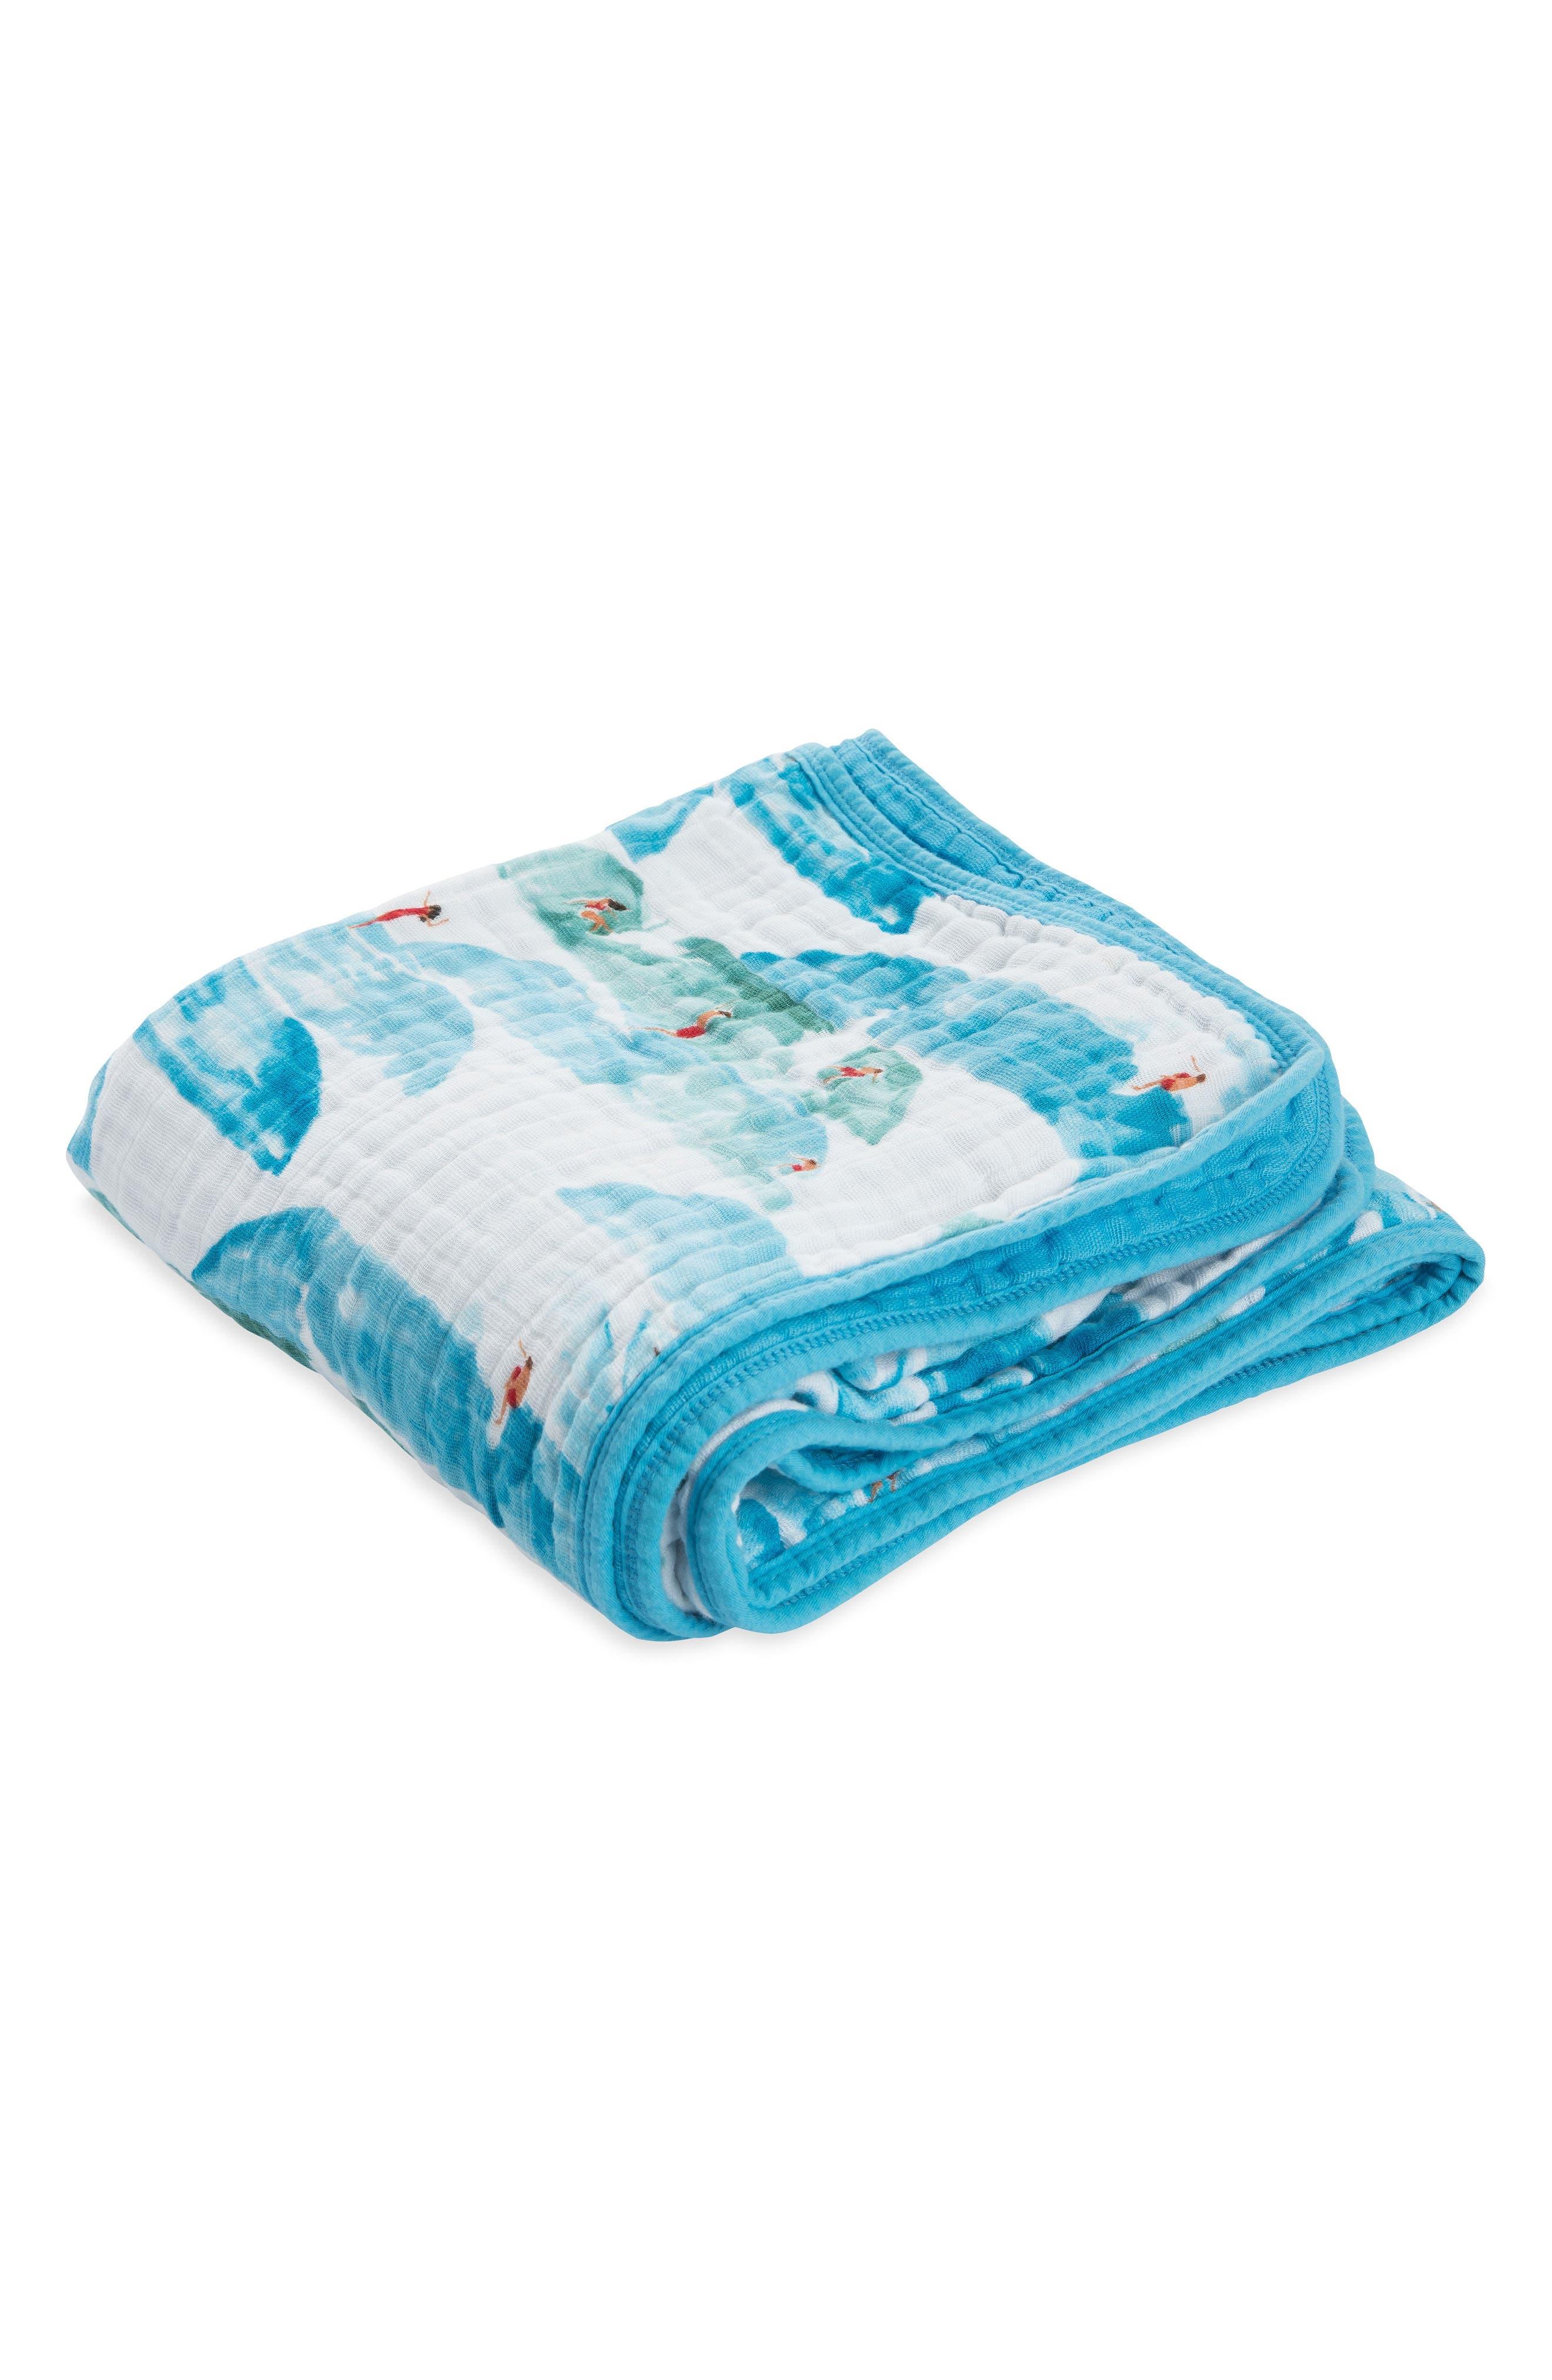 Cotton Muslin Quilt,                         Main,                         color, Surf